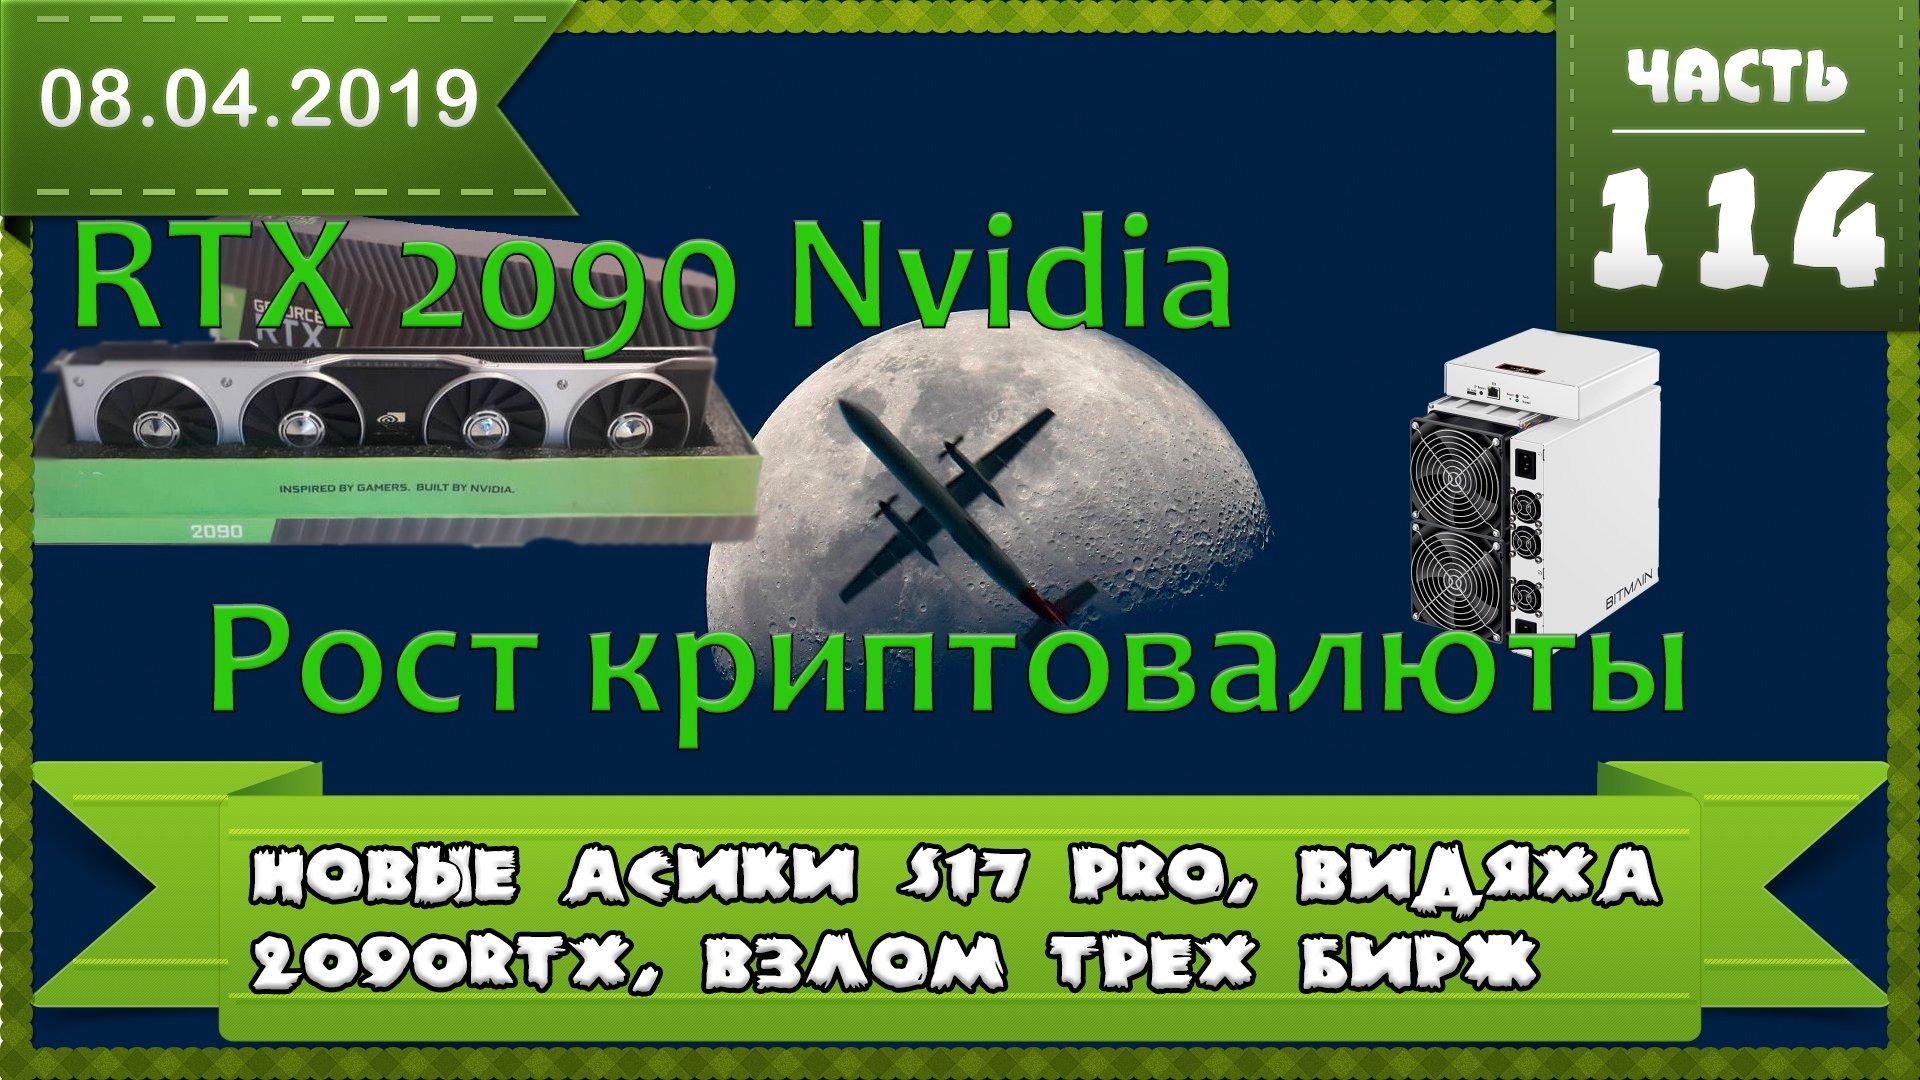 Antminer S17 S17 pro, nvidia 2090 RTX новые драйвера для майнинга, взлом трех бирж и чудо холодильник